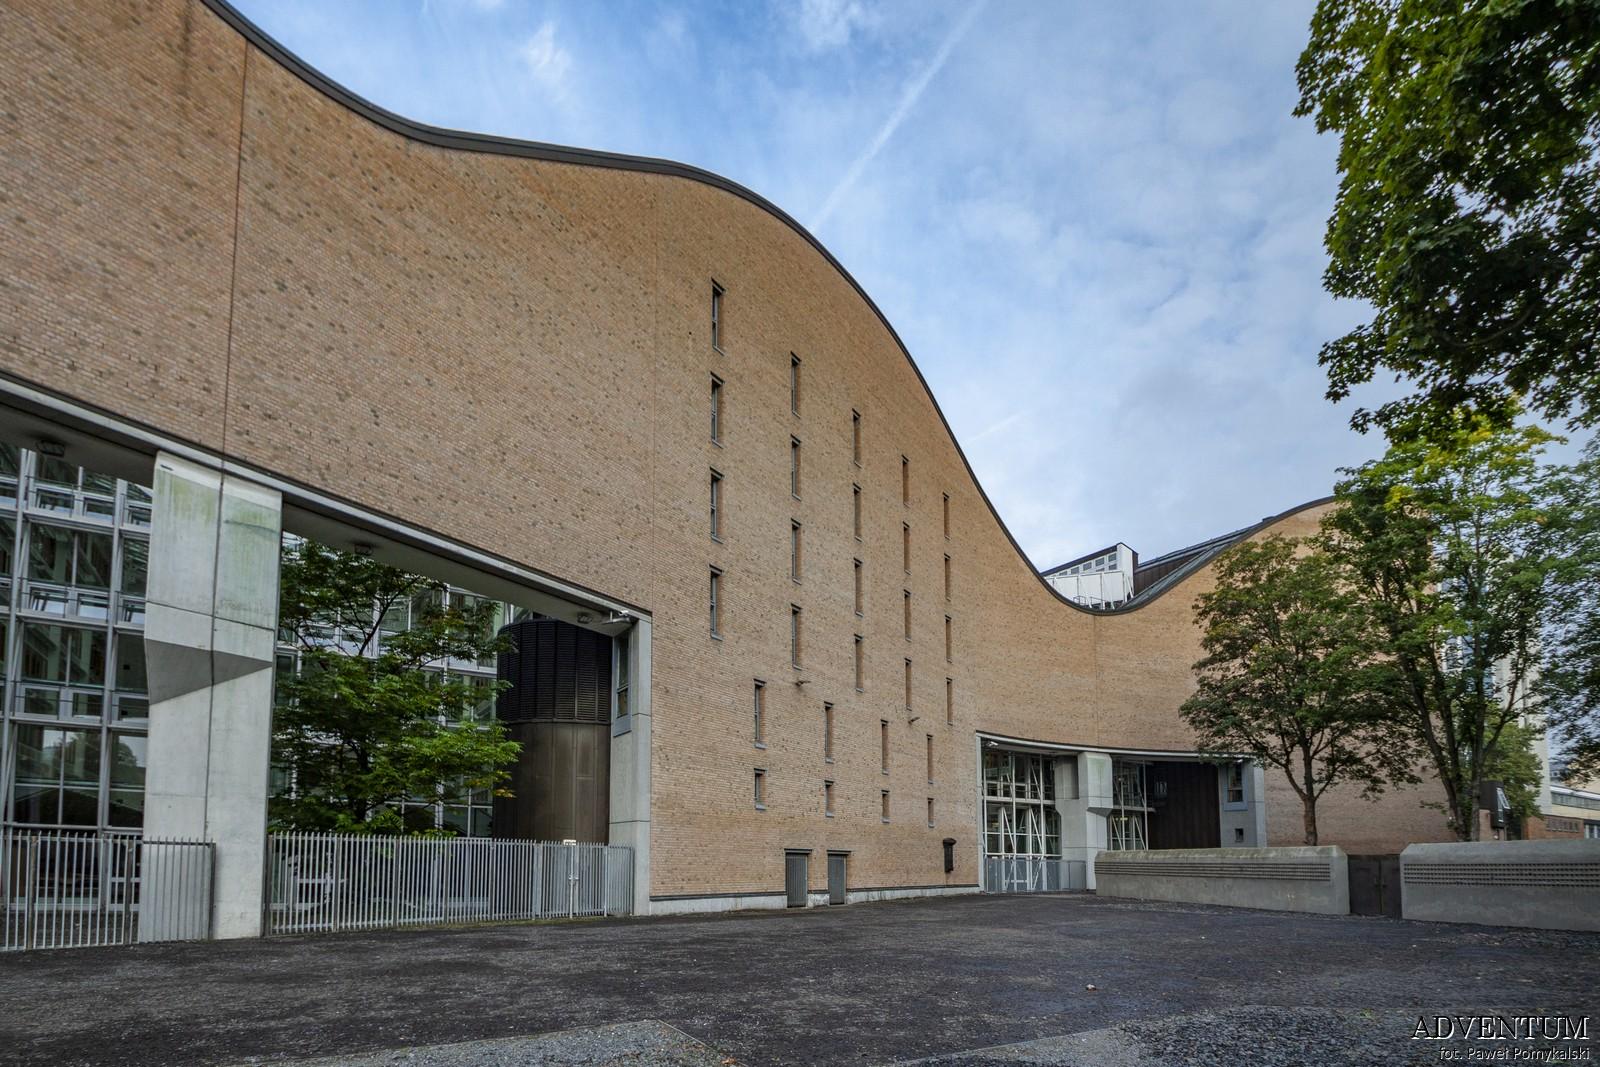 Muzeum żydowskie frankfurt